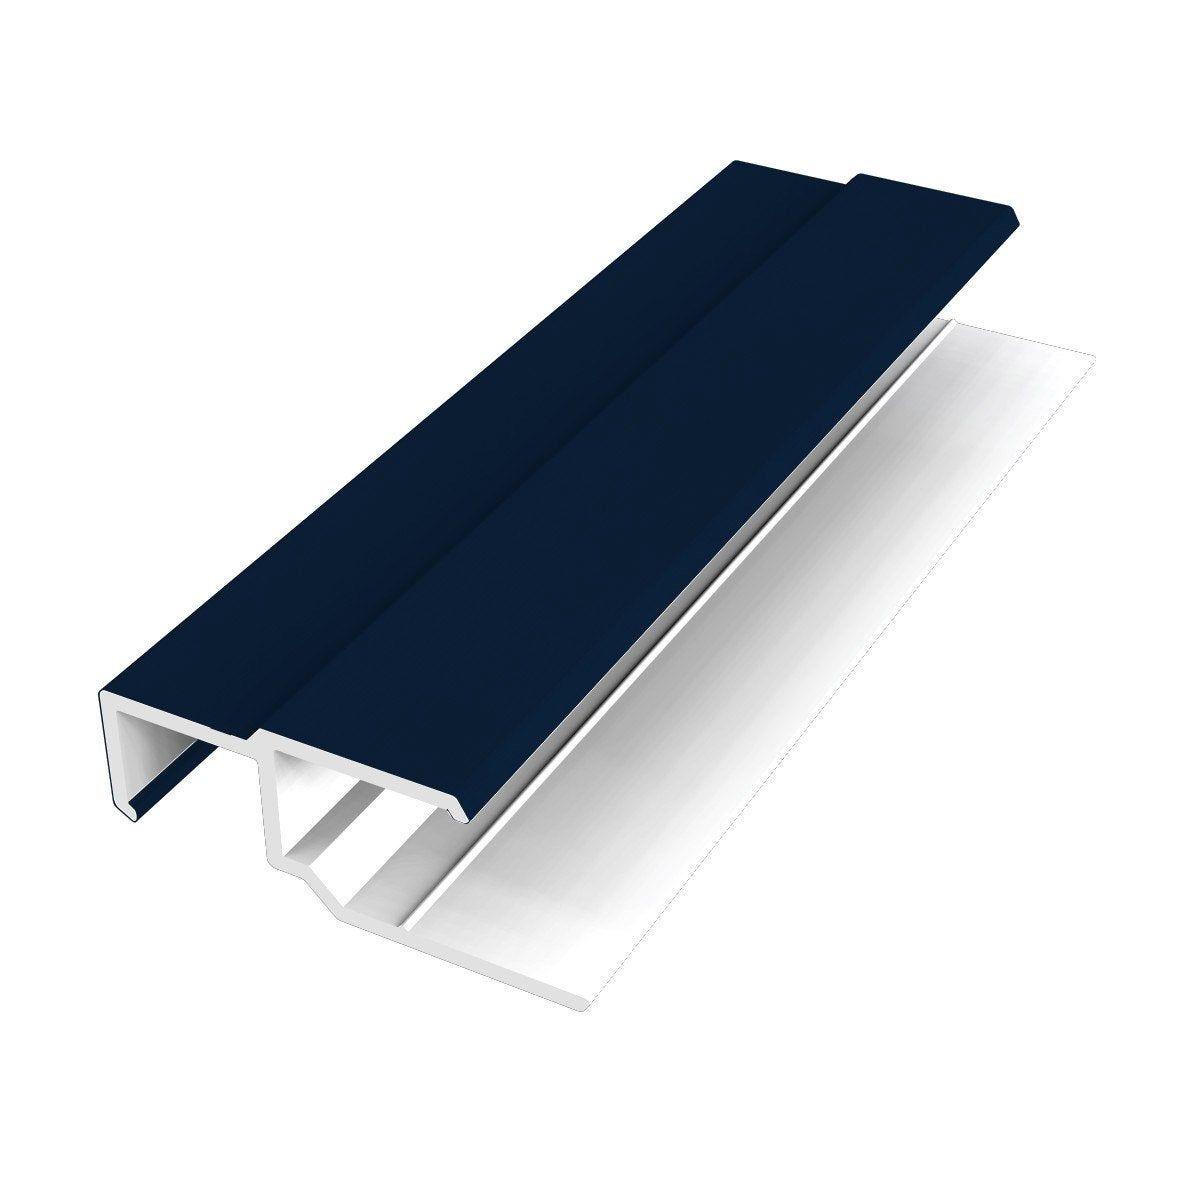 Profil Multifonction Pvc 45x15 Freefoam Bleu Roi Ral 5150 3